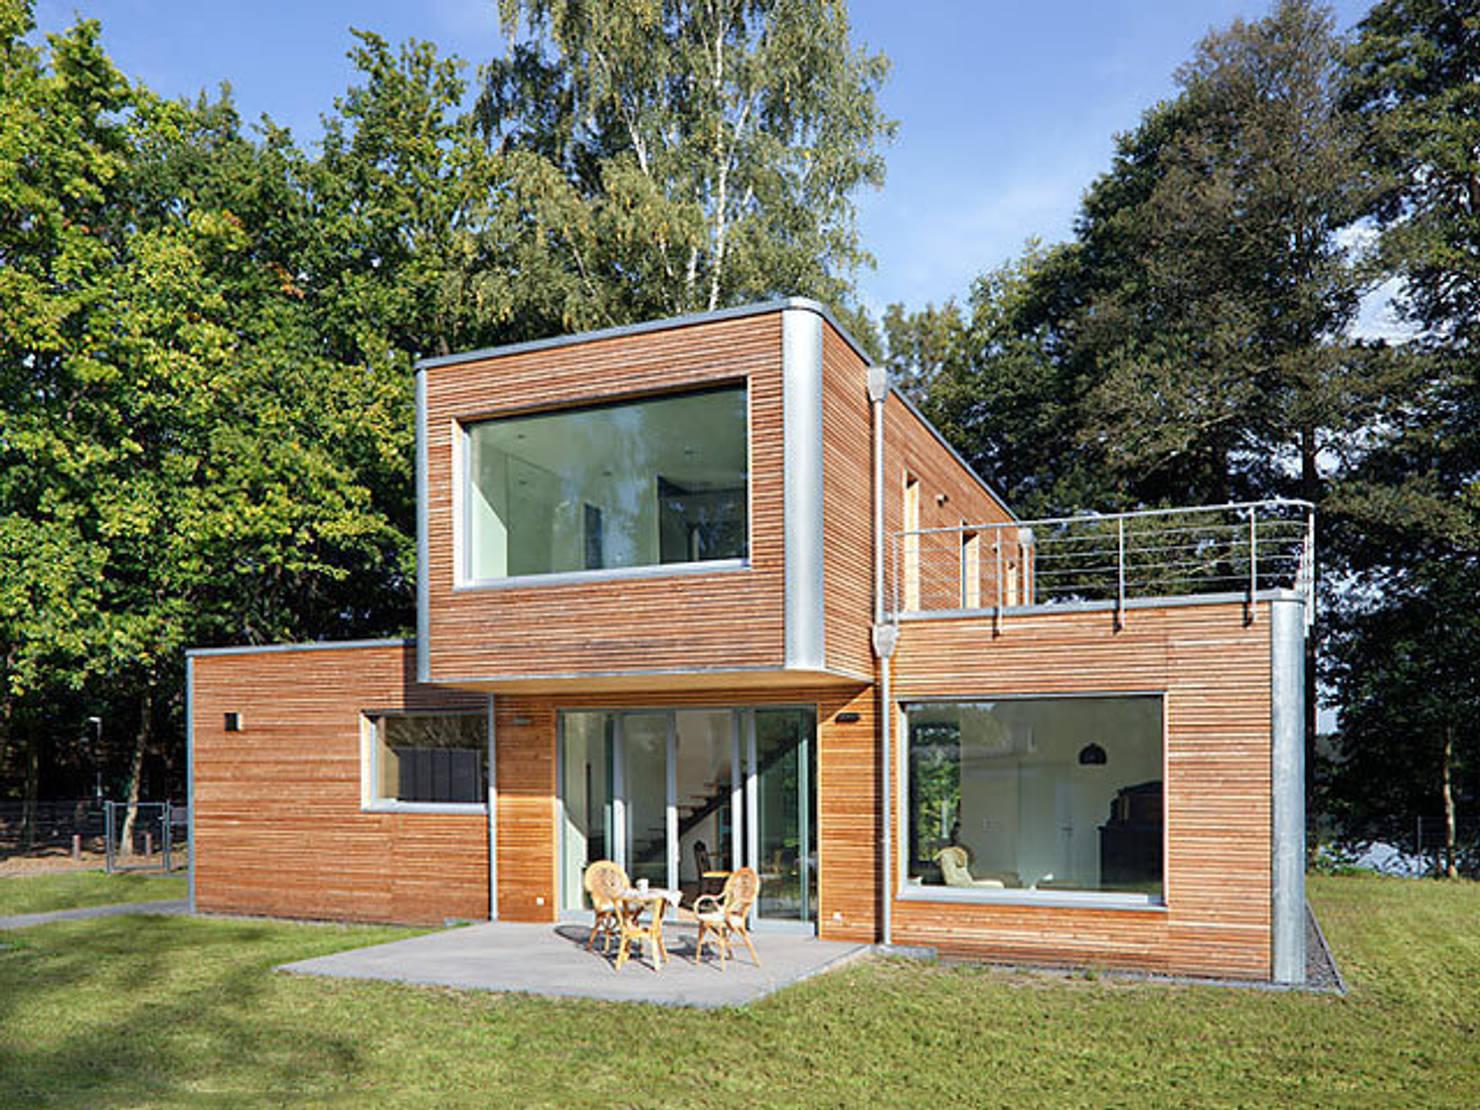 Berliner Architekt entwirft modernes Einfamilienhaus mit klarer Struktur